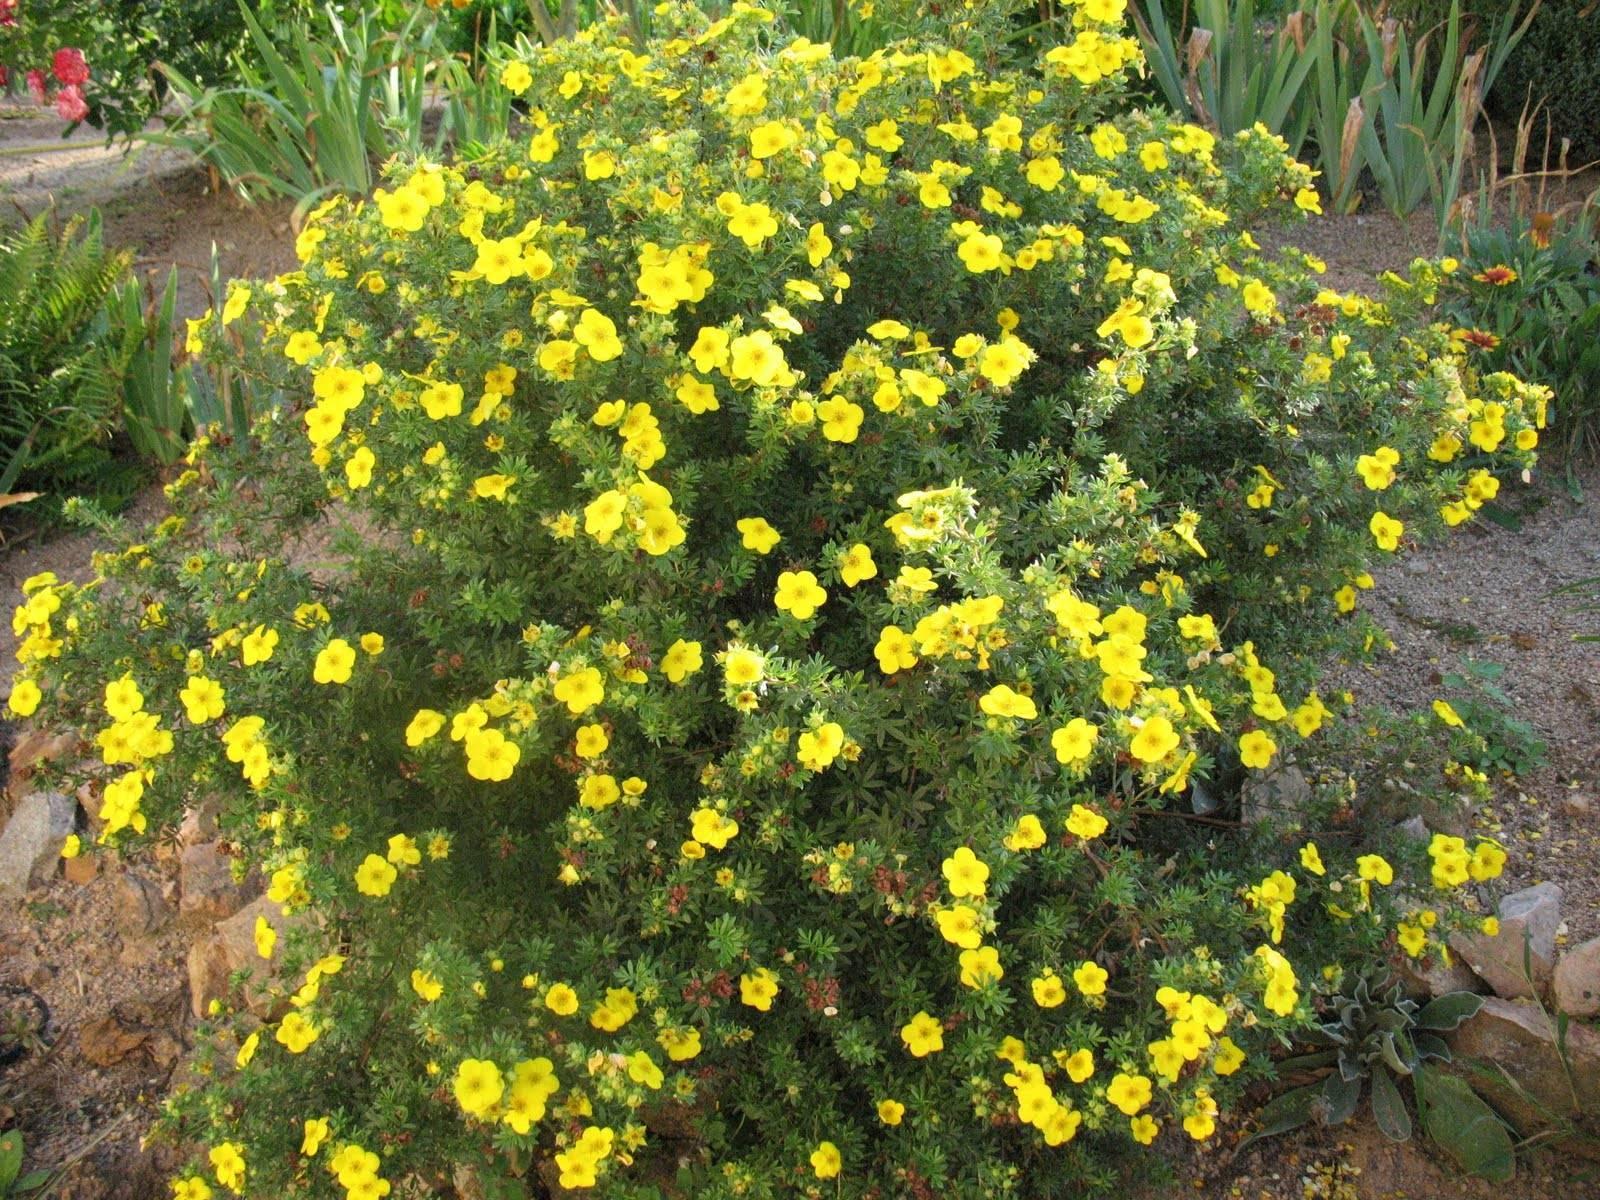 Лапчатка кустарниковая уход и выращивание, кустарник лапчатка жёлтый